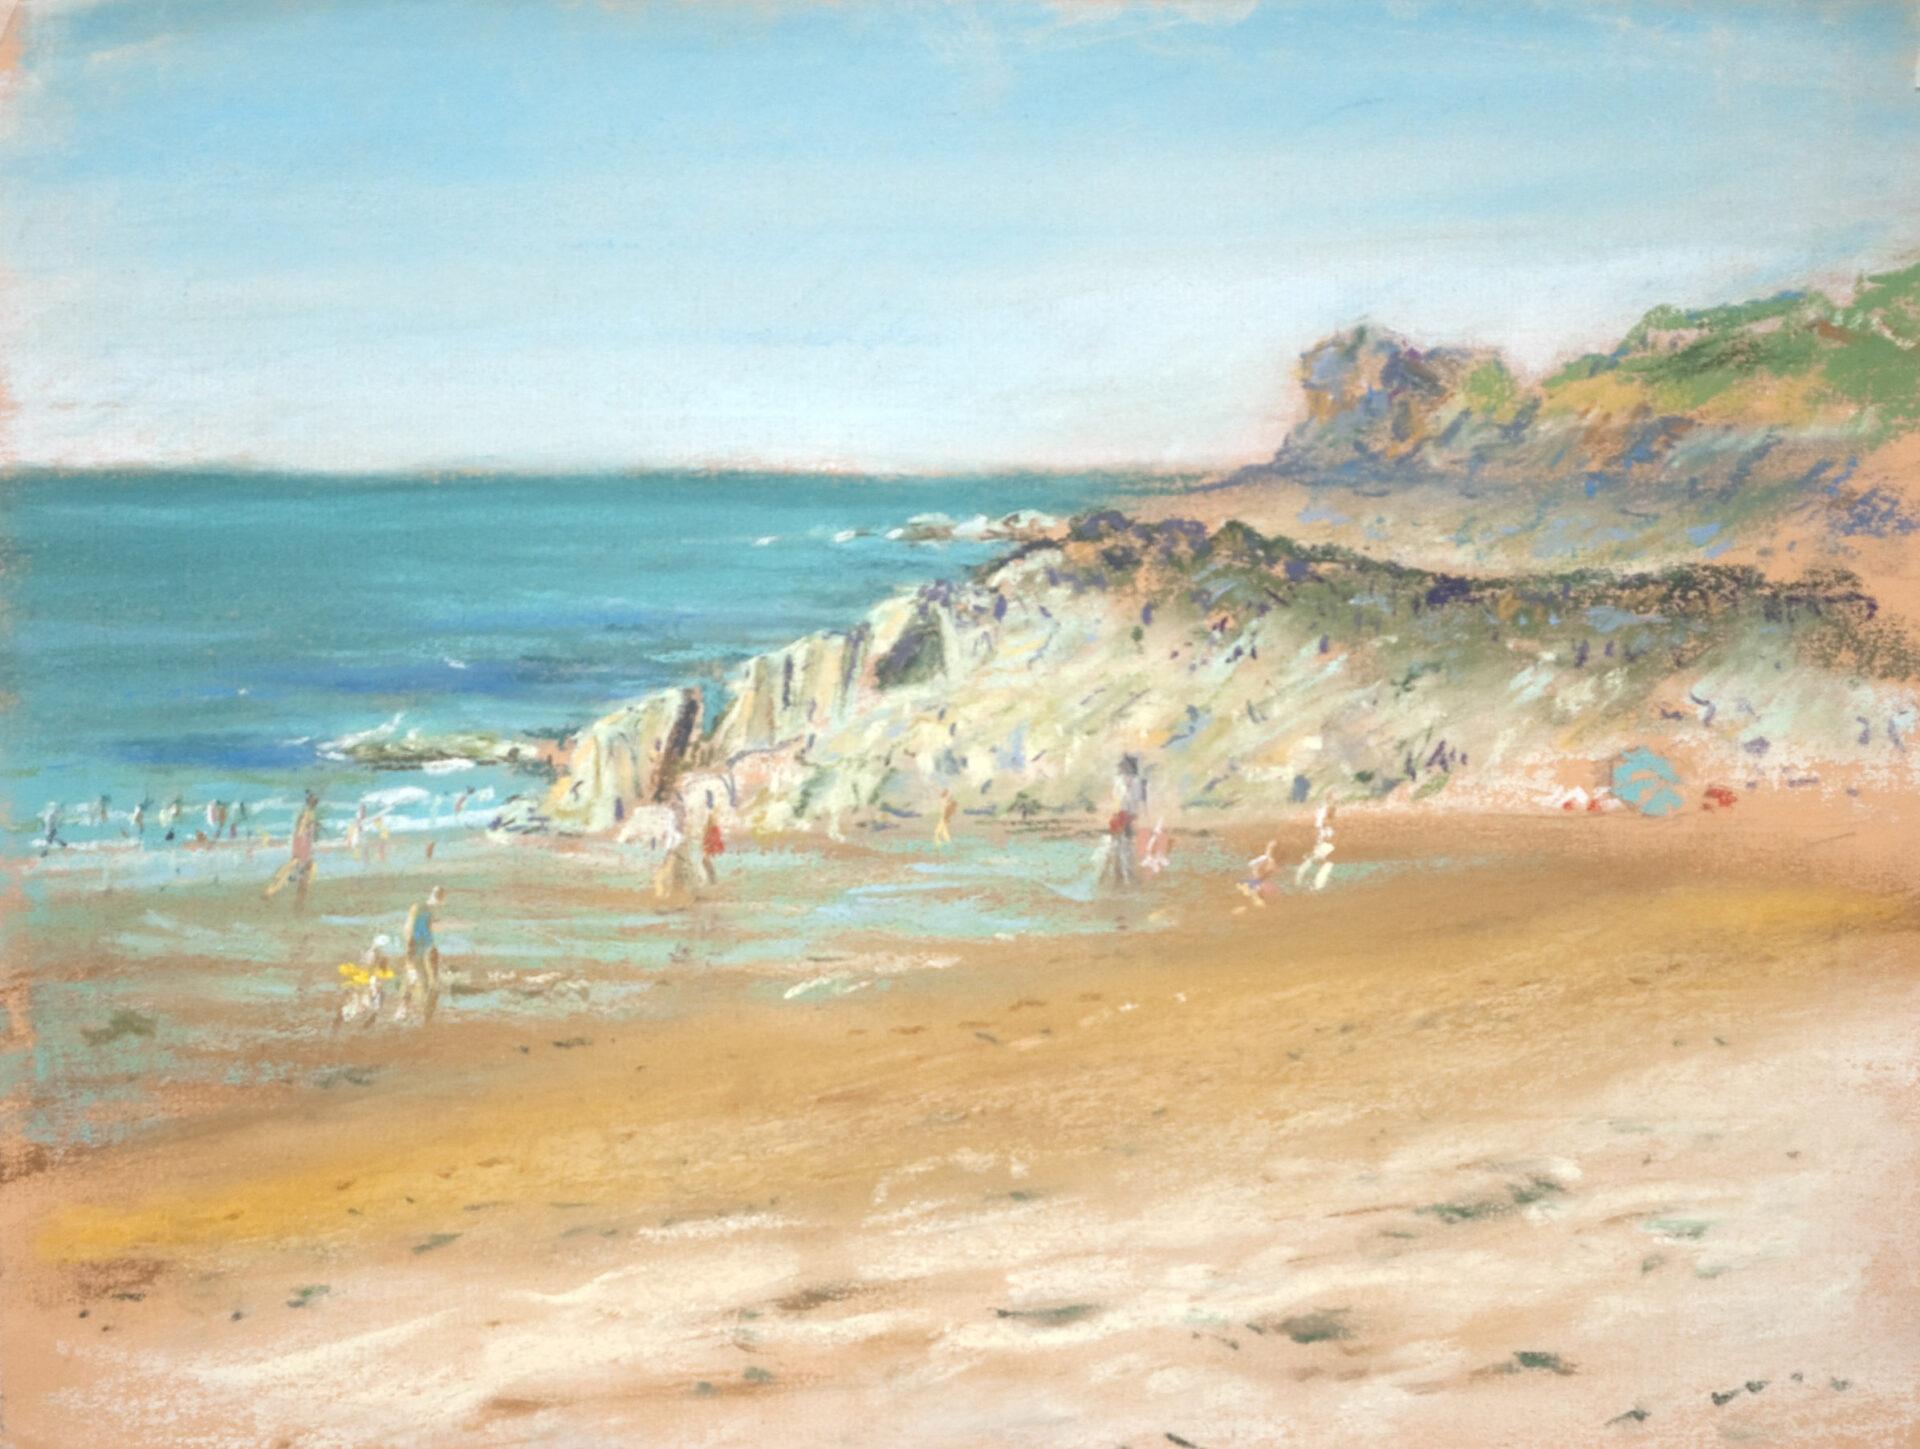 Pastel schilderij strandgezicht met zwemmers